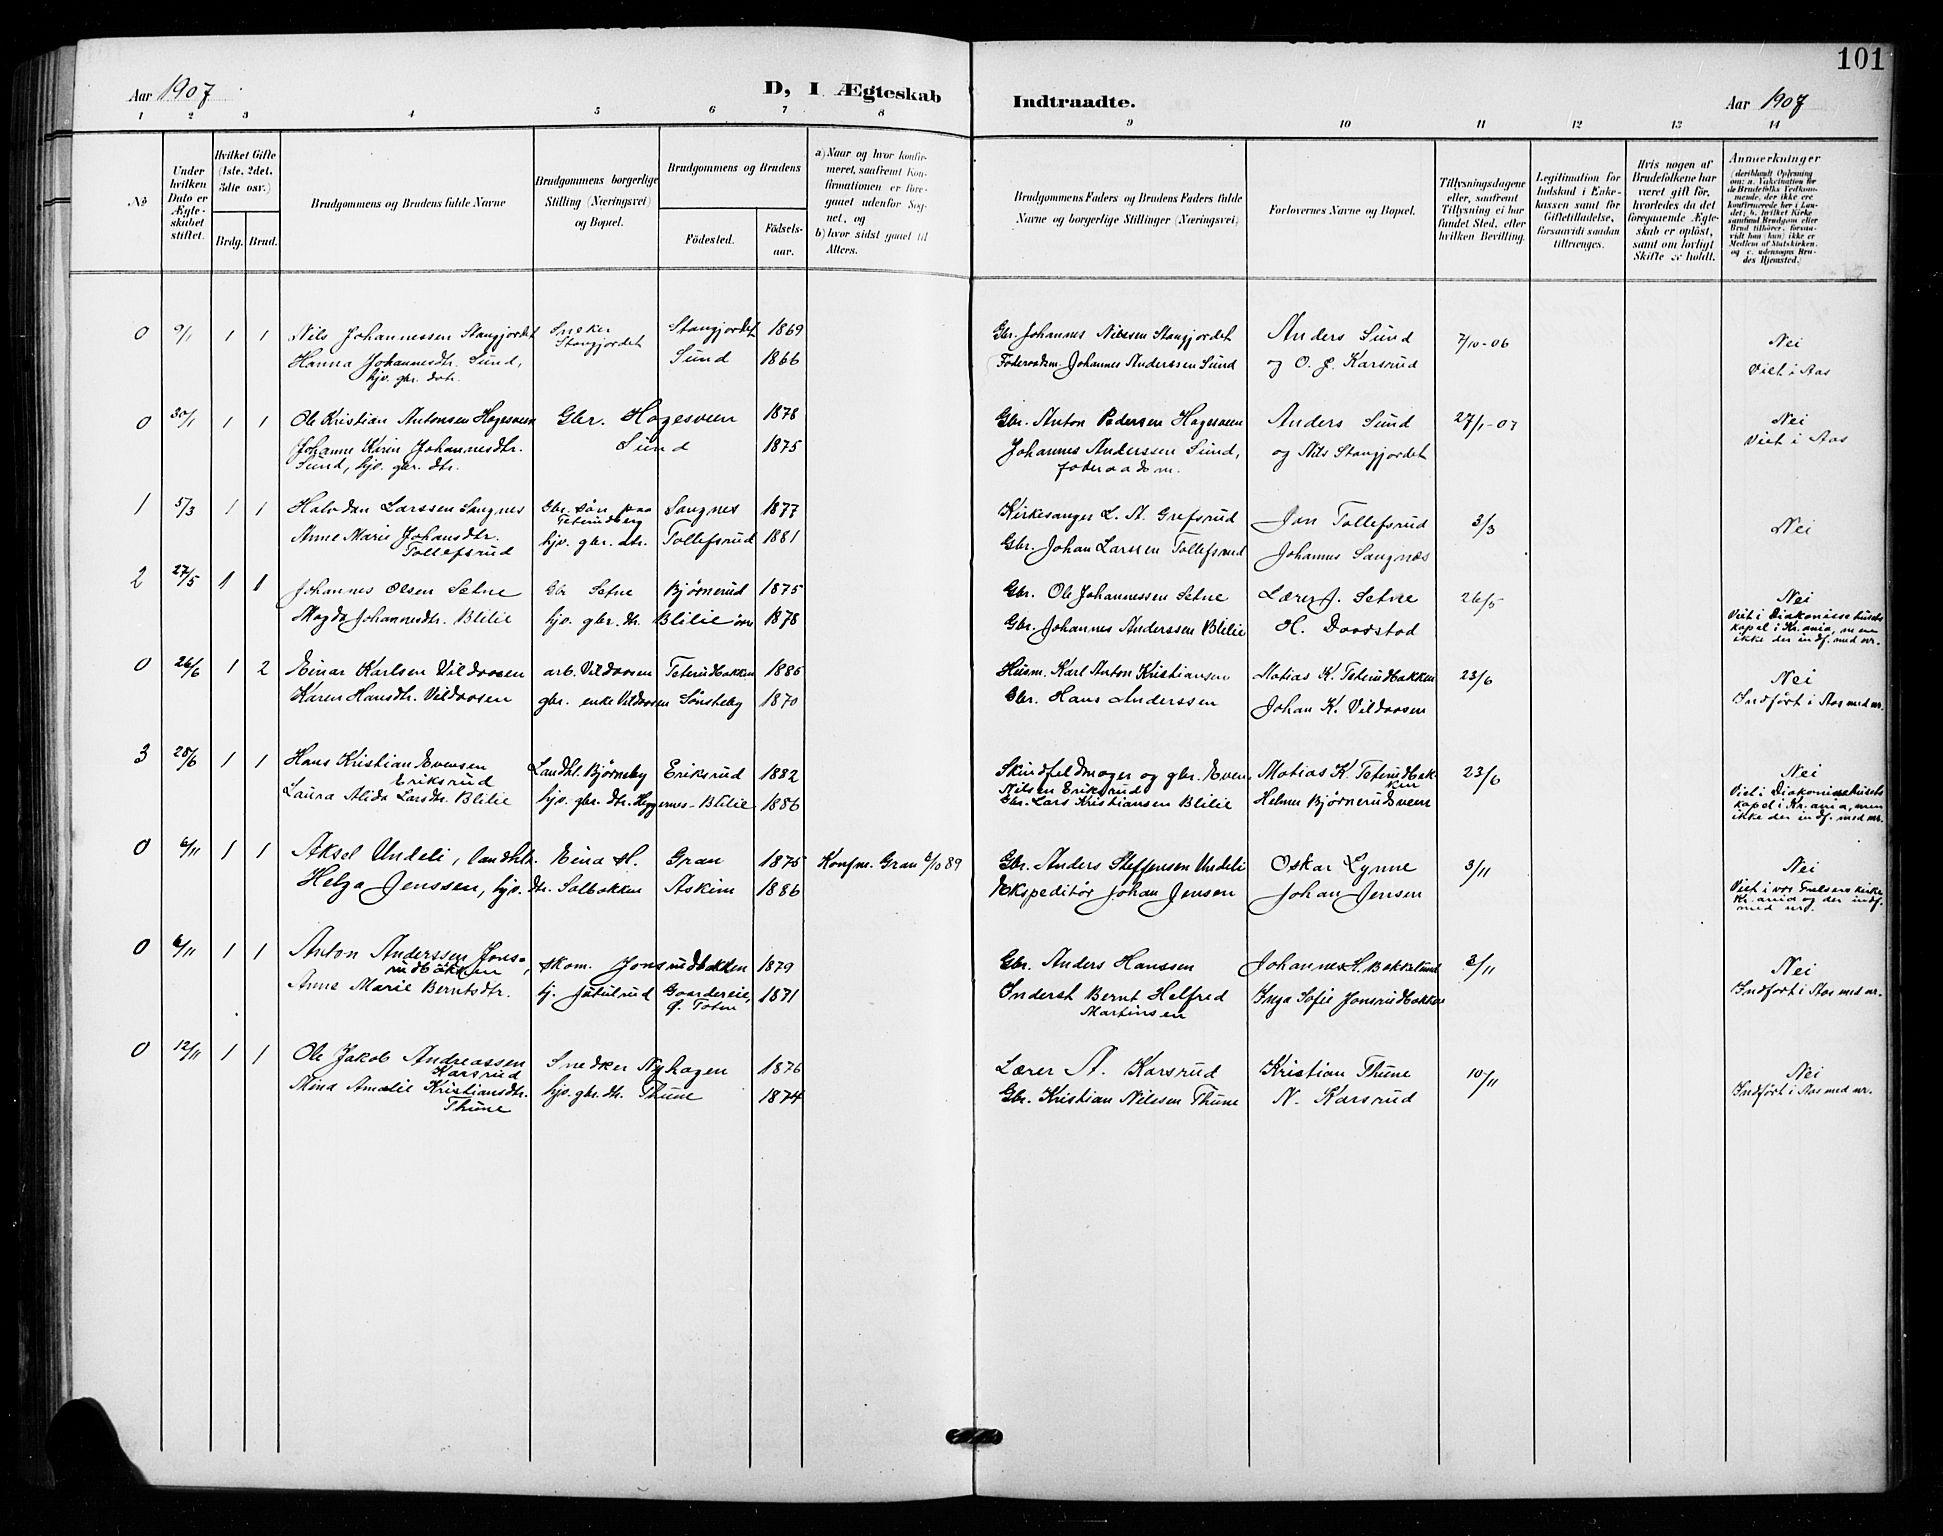 SAH, Vestre Toten prestekontor, Klokkerbok nr. 16, 1901-1915, s. 101